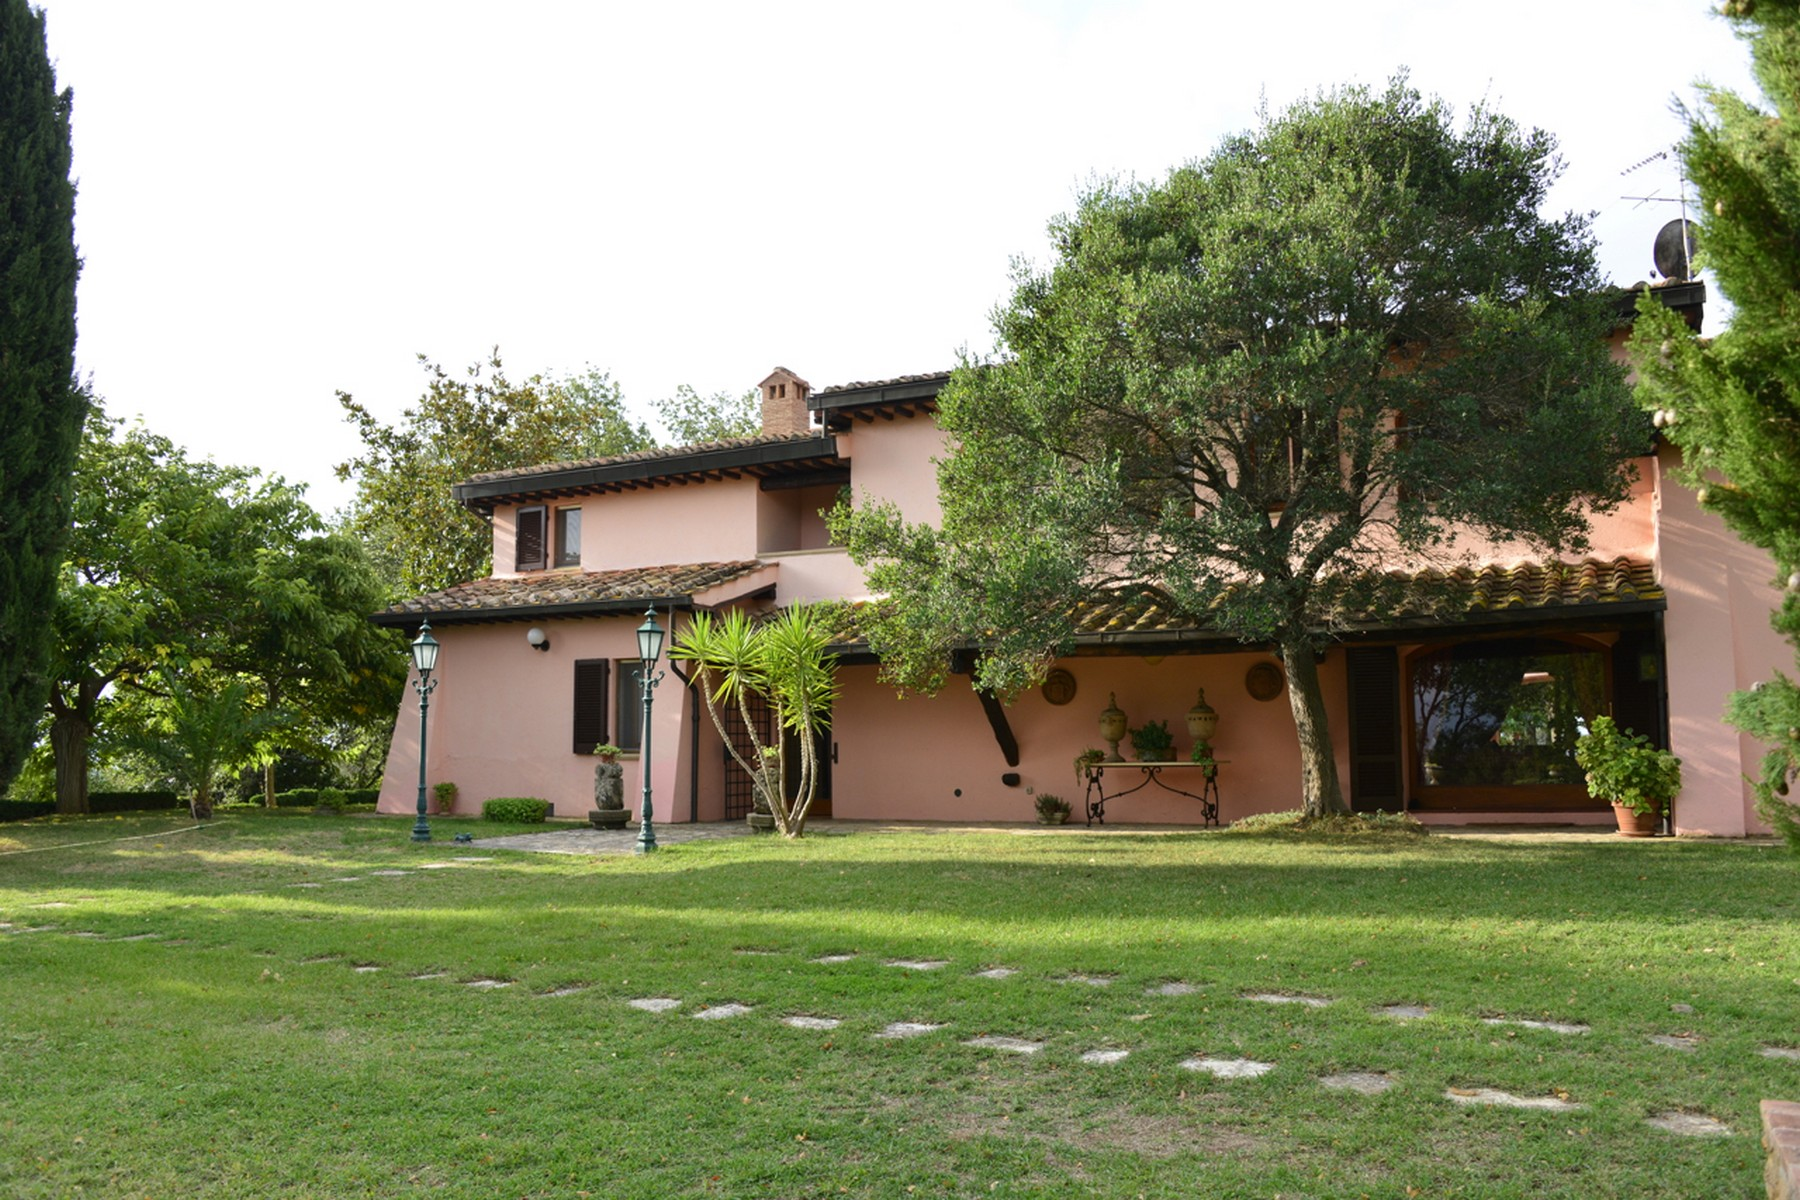 Villa in Vendita a Scansano: 5 locali, 700 mq - Foto 3